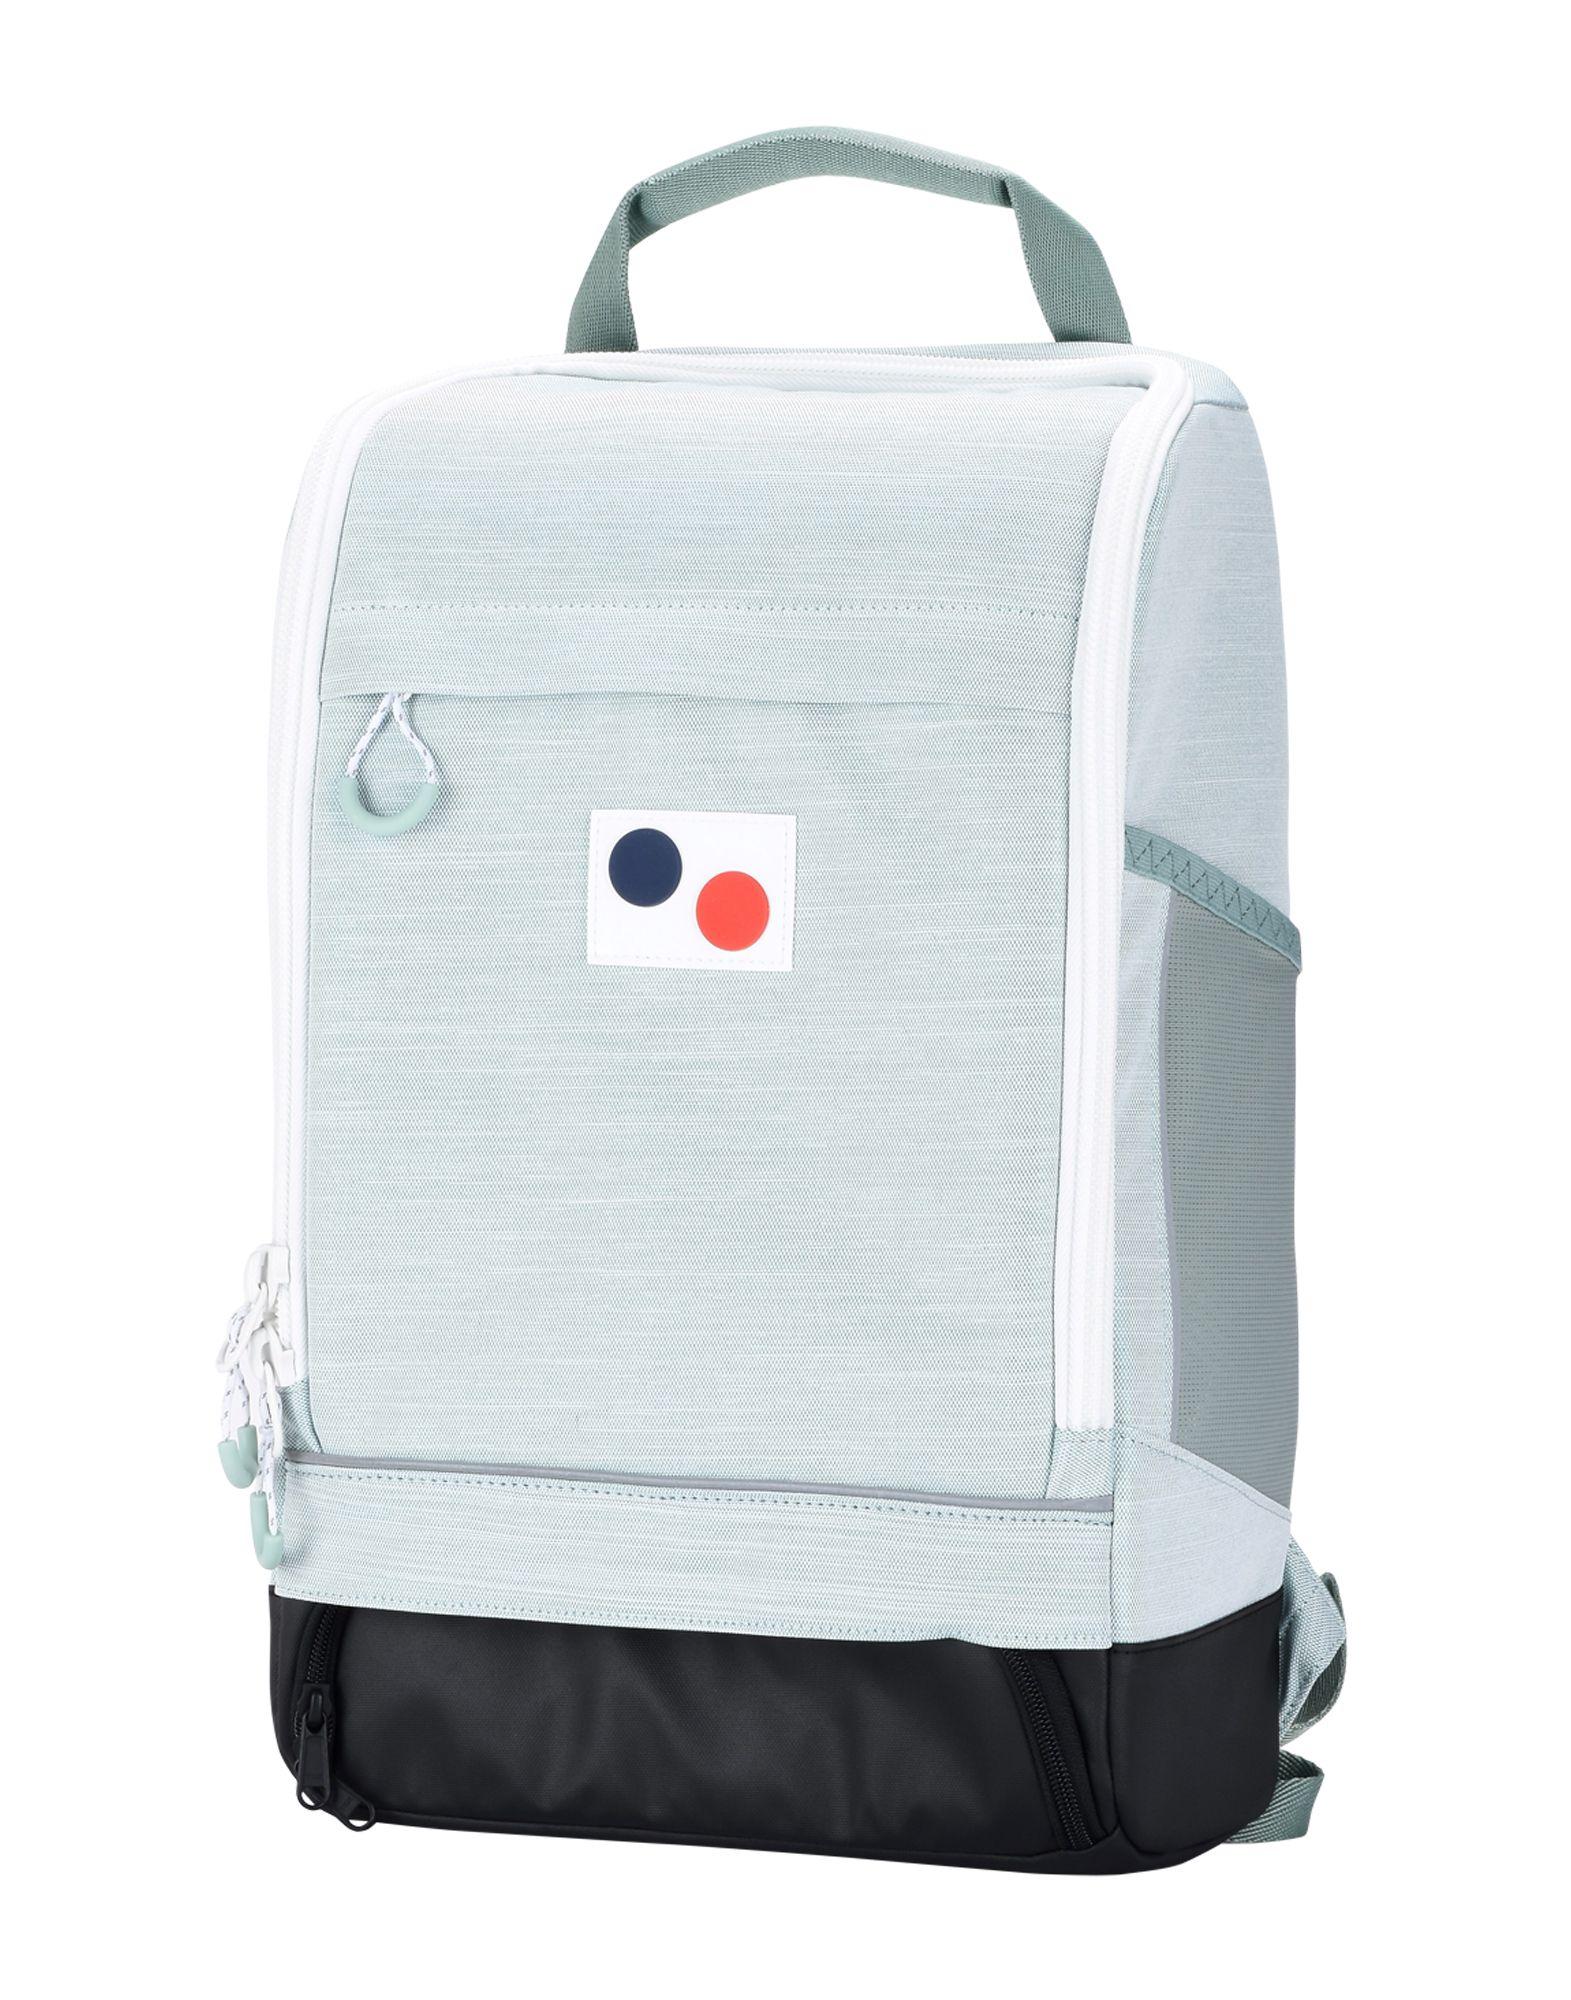 Zaini & Marsupi Pinqponq Cubik Medium - Donna - Acquista online su